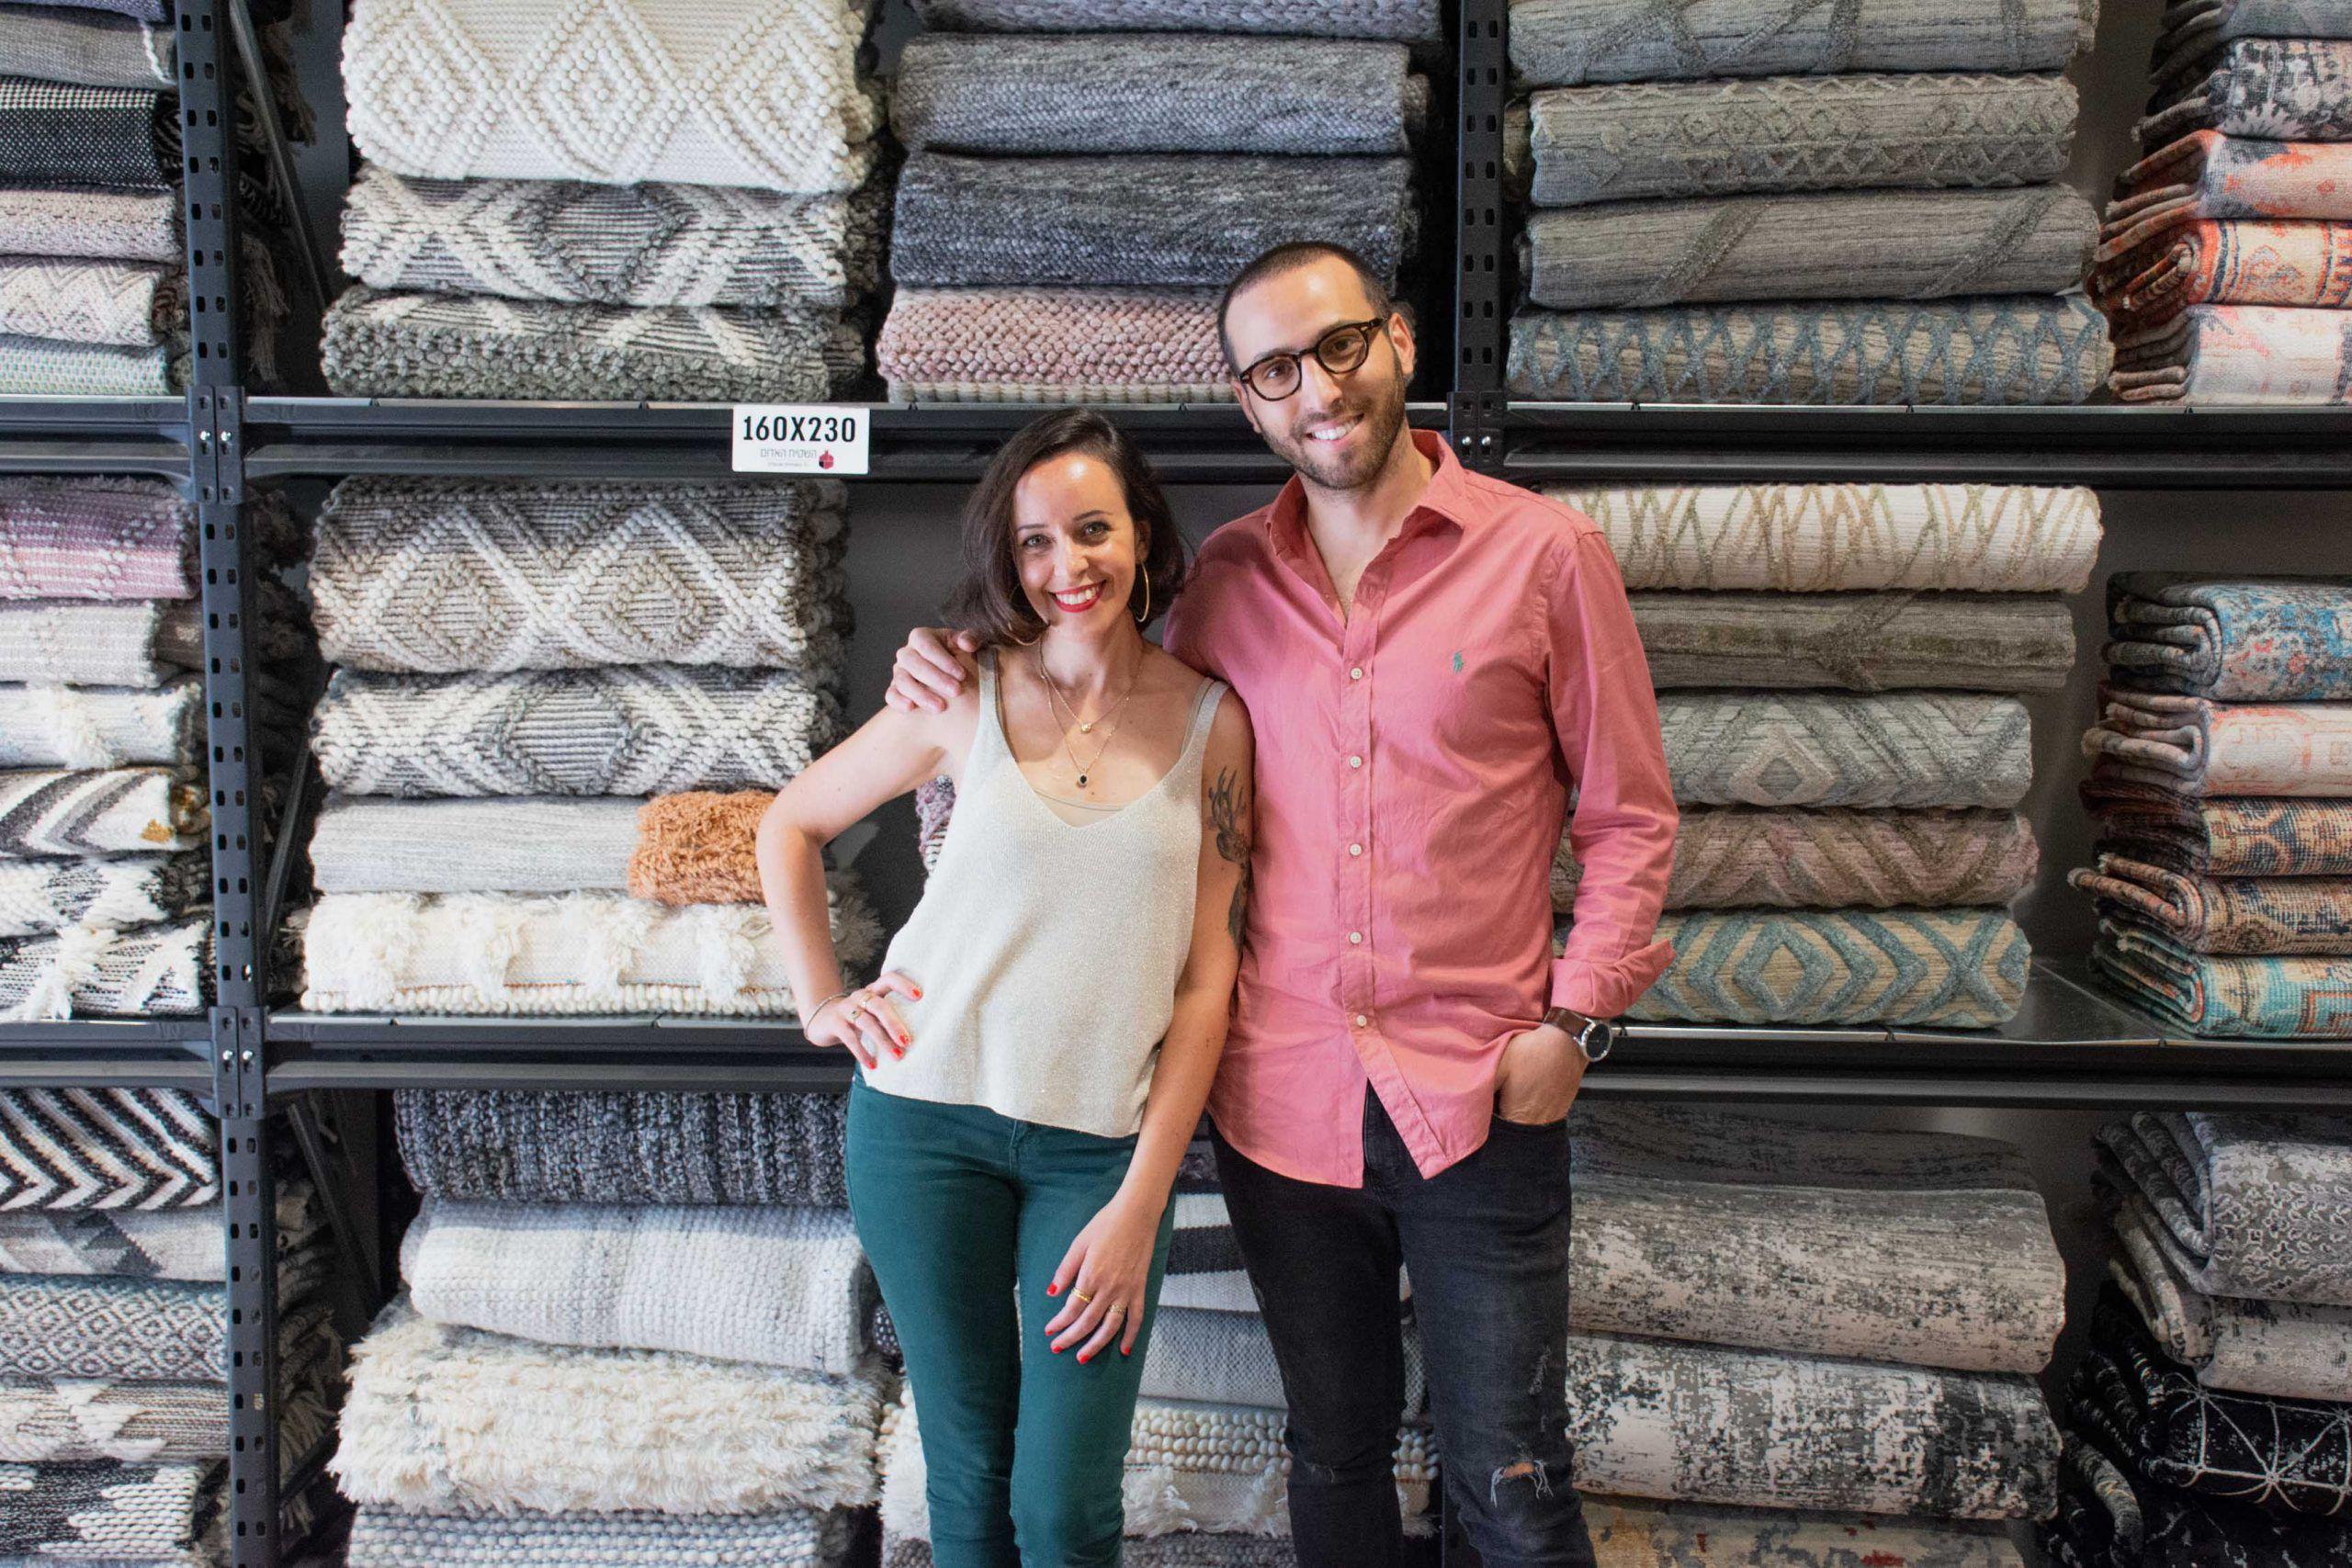 מימין- אלון בבג'ני- מנכל ומבעלי רשת השטיח האדום וסיון קונוולינה- יזמית ומעצבת, צילום אלונה פורוז'ניאק